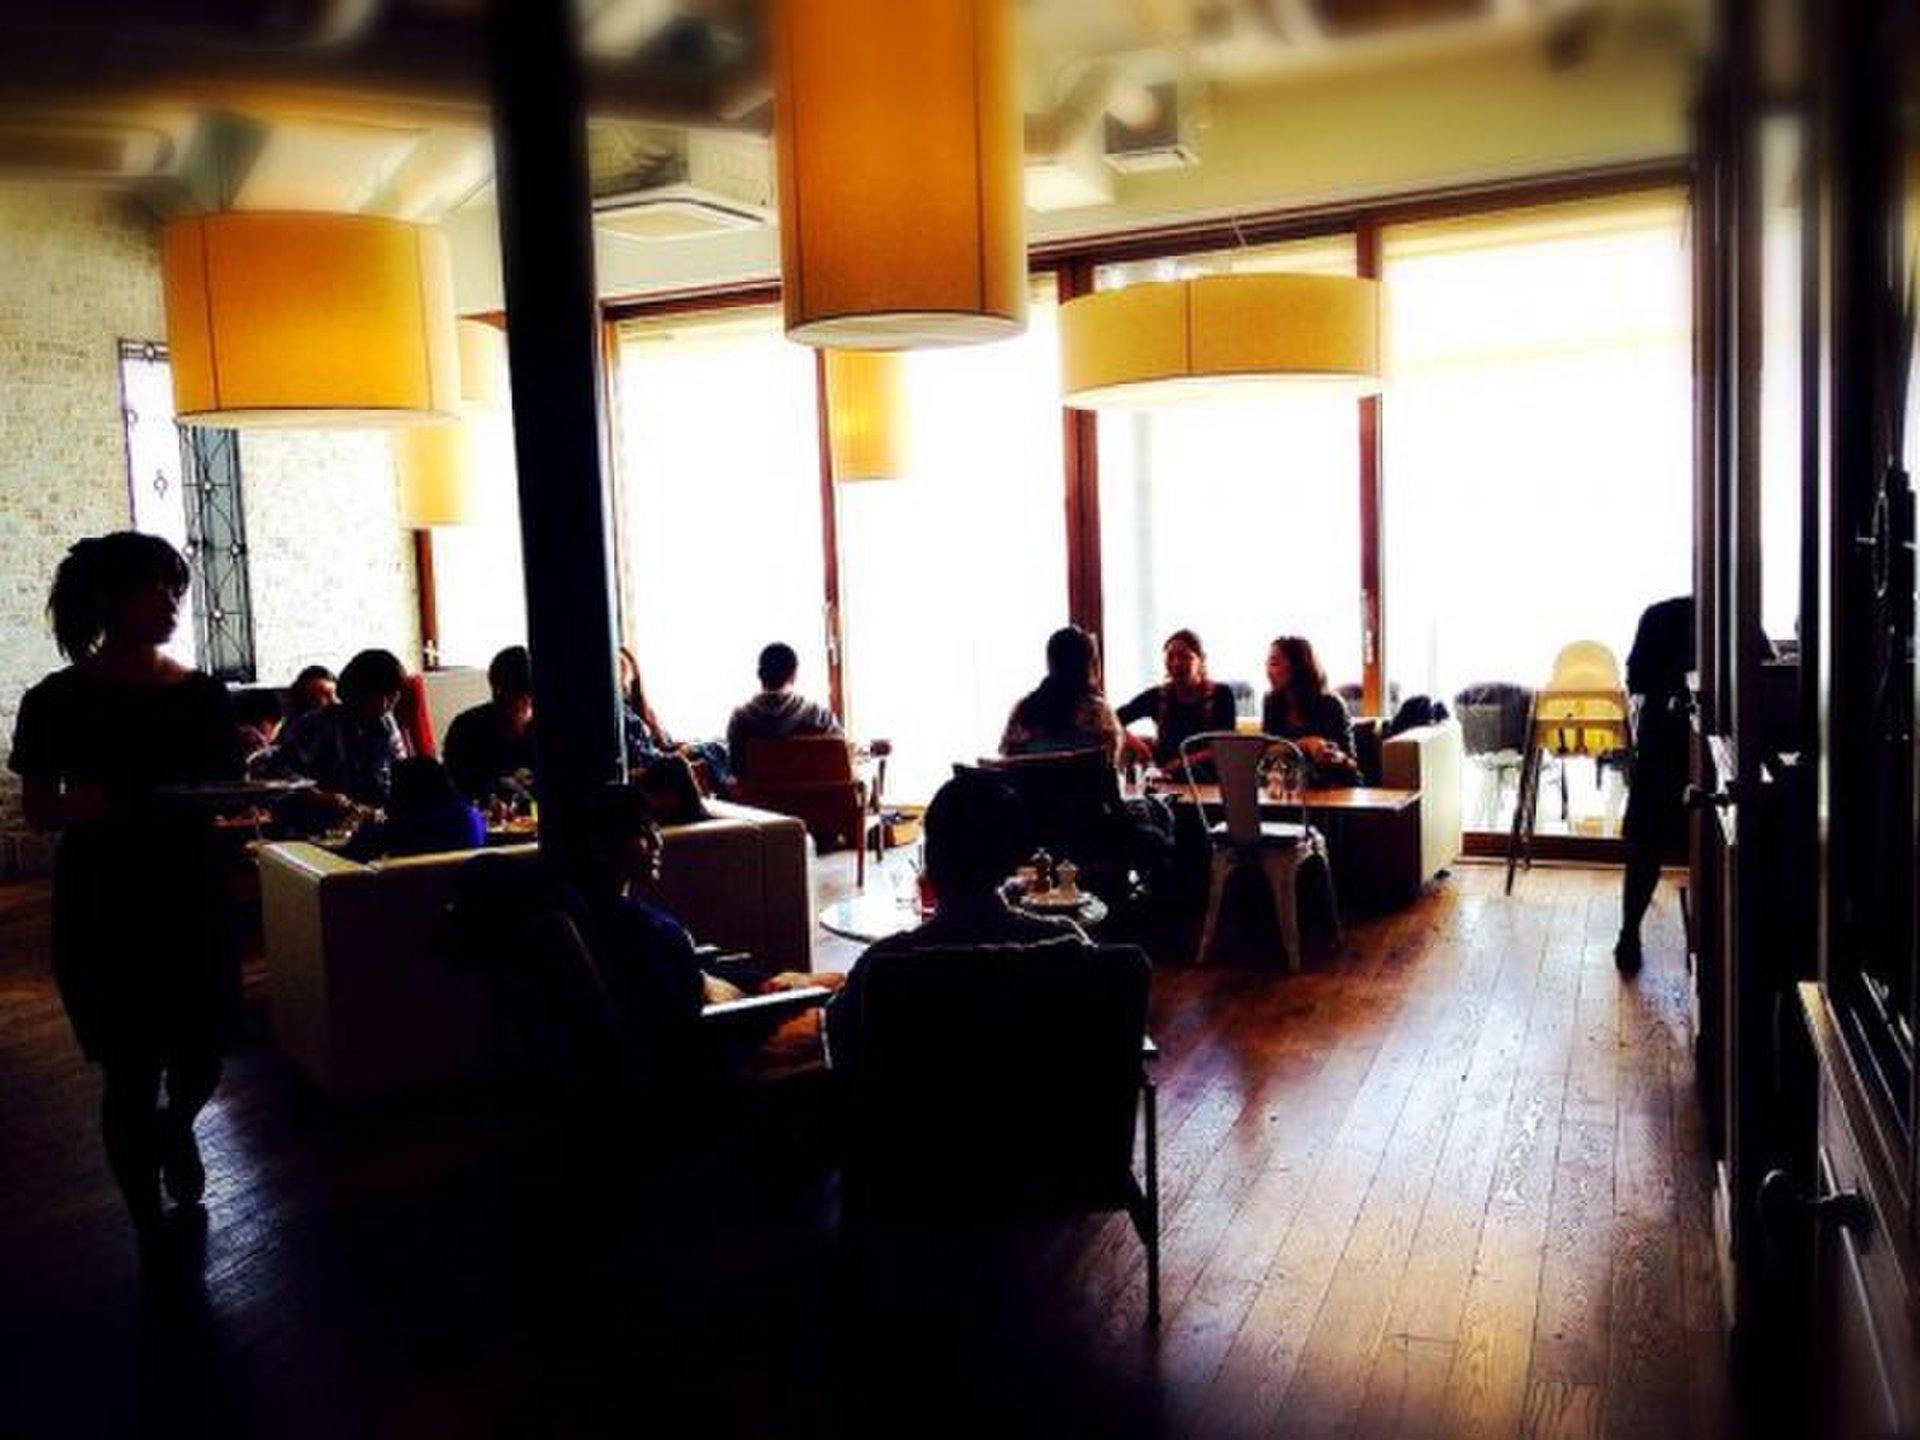 【神奈川県湘南の海沿いランチスポットまとめ】おすすめテラスのある人気店・カフェ!デートにおすすめ